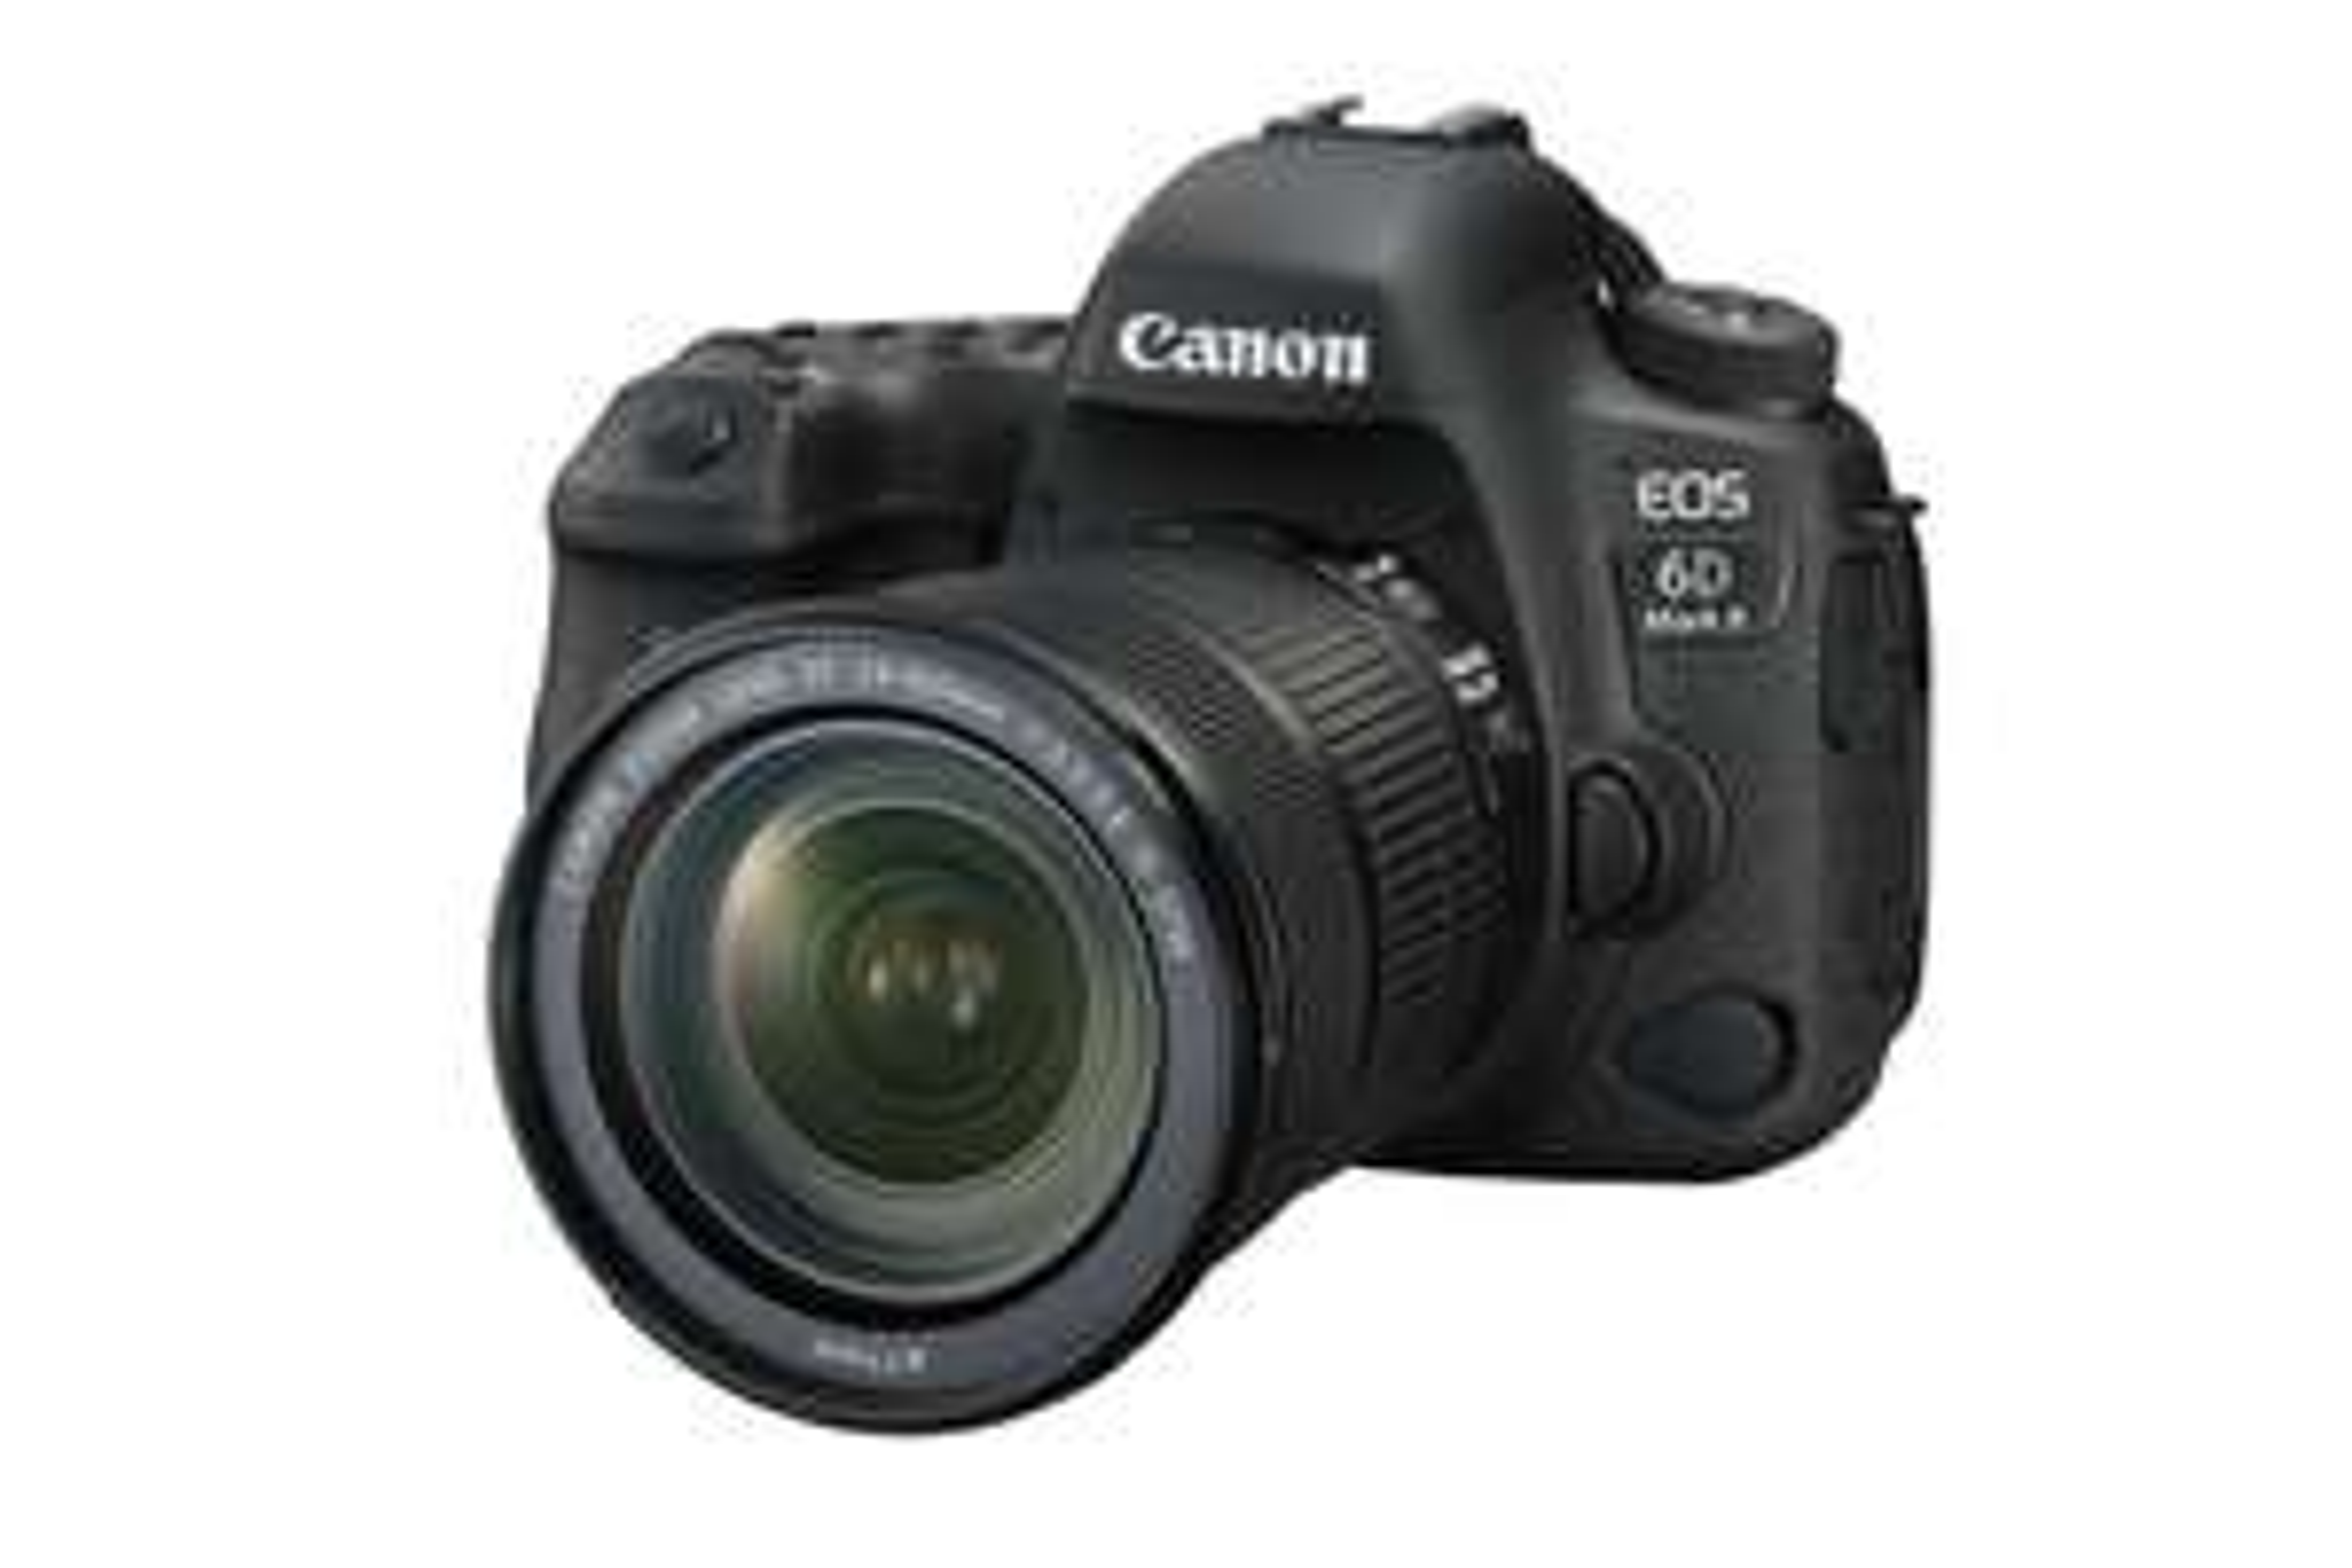 15% im Canon-Onlineshop bis 30.9.17, z.B. Canon EOS 6D Mark II + EF 24-105mm 1:3,5-5,6 IS STM Objektiv für 2124,15€ oder Canon EF 16-35mm f/2.8L III USM-Objektiv für 1938€